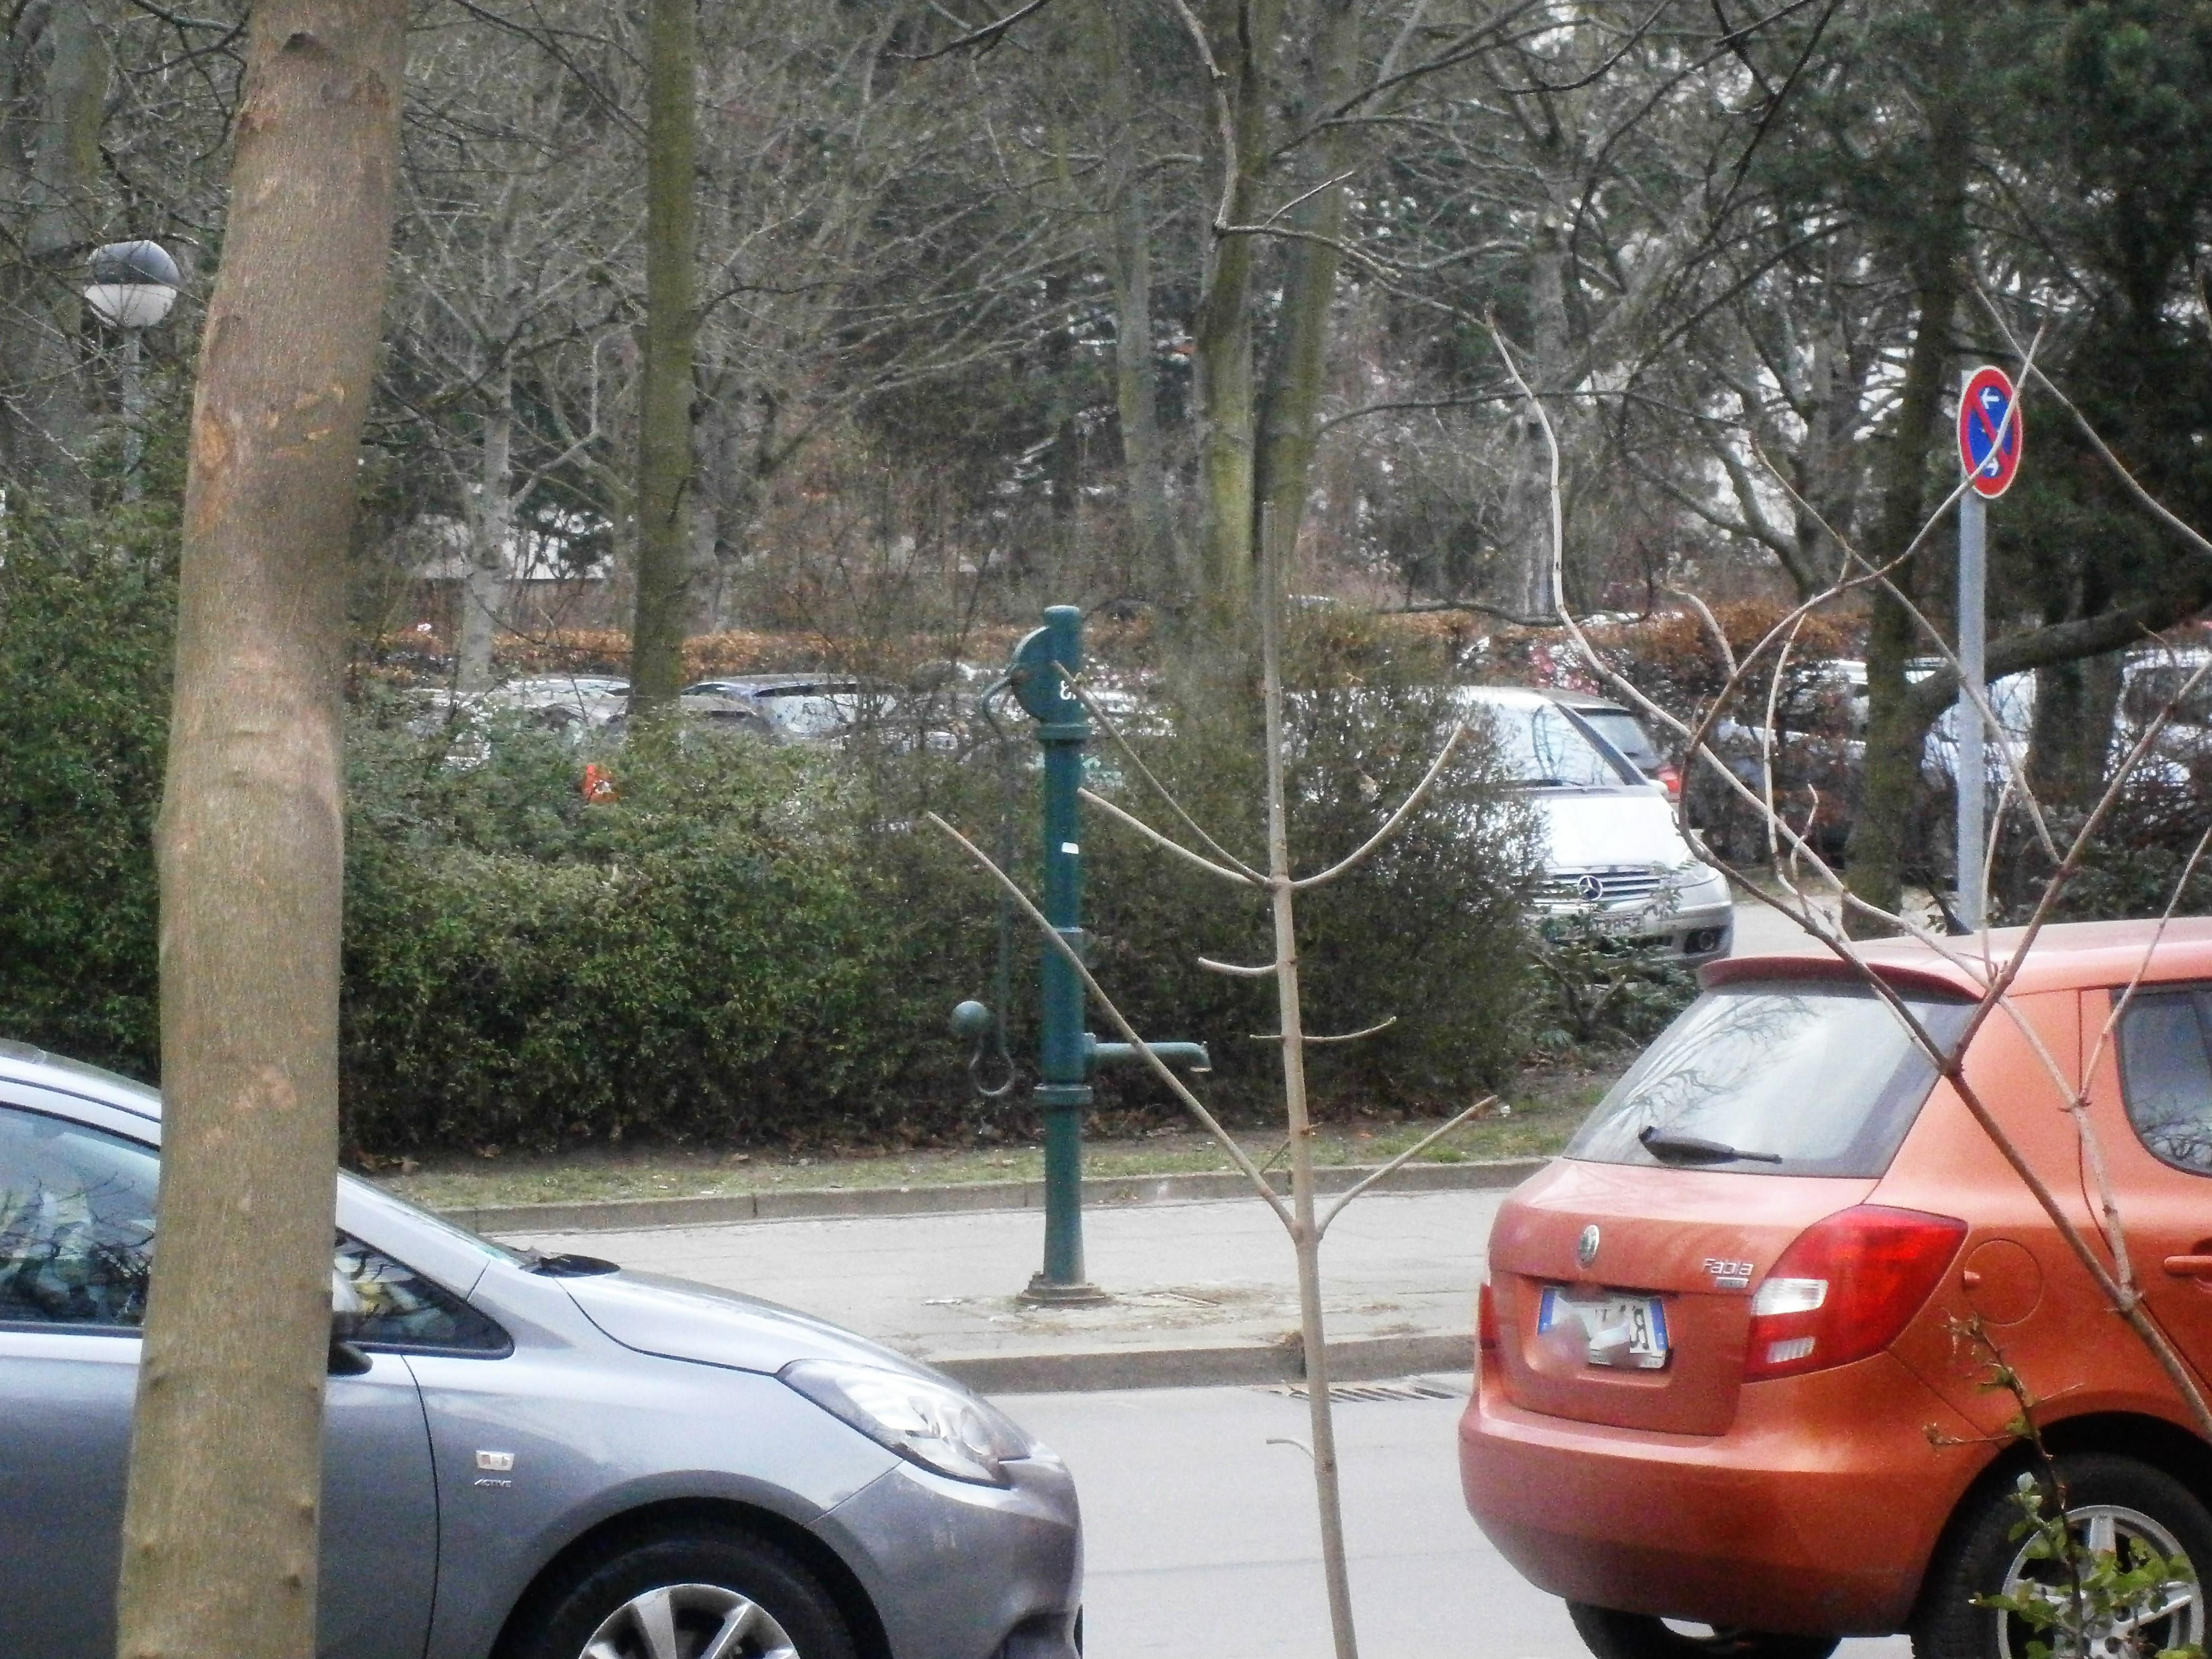 Rencontre Sexe Paris Gros Seins Sodomie. Sites D'accrochage Mariés